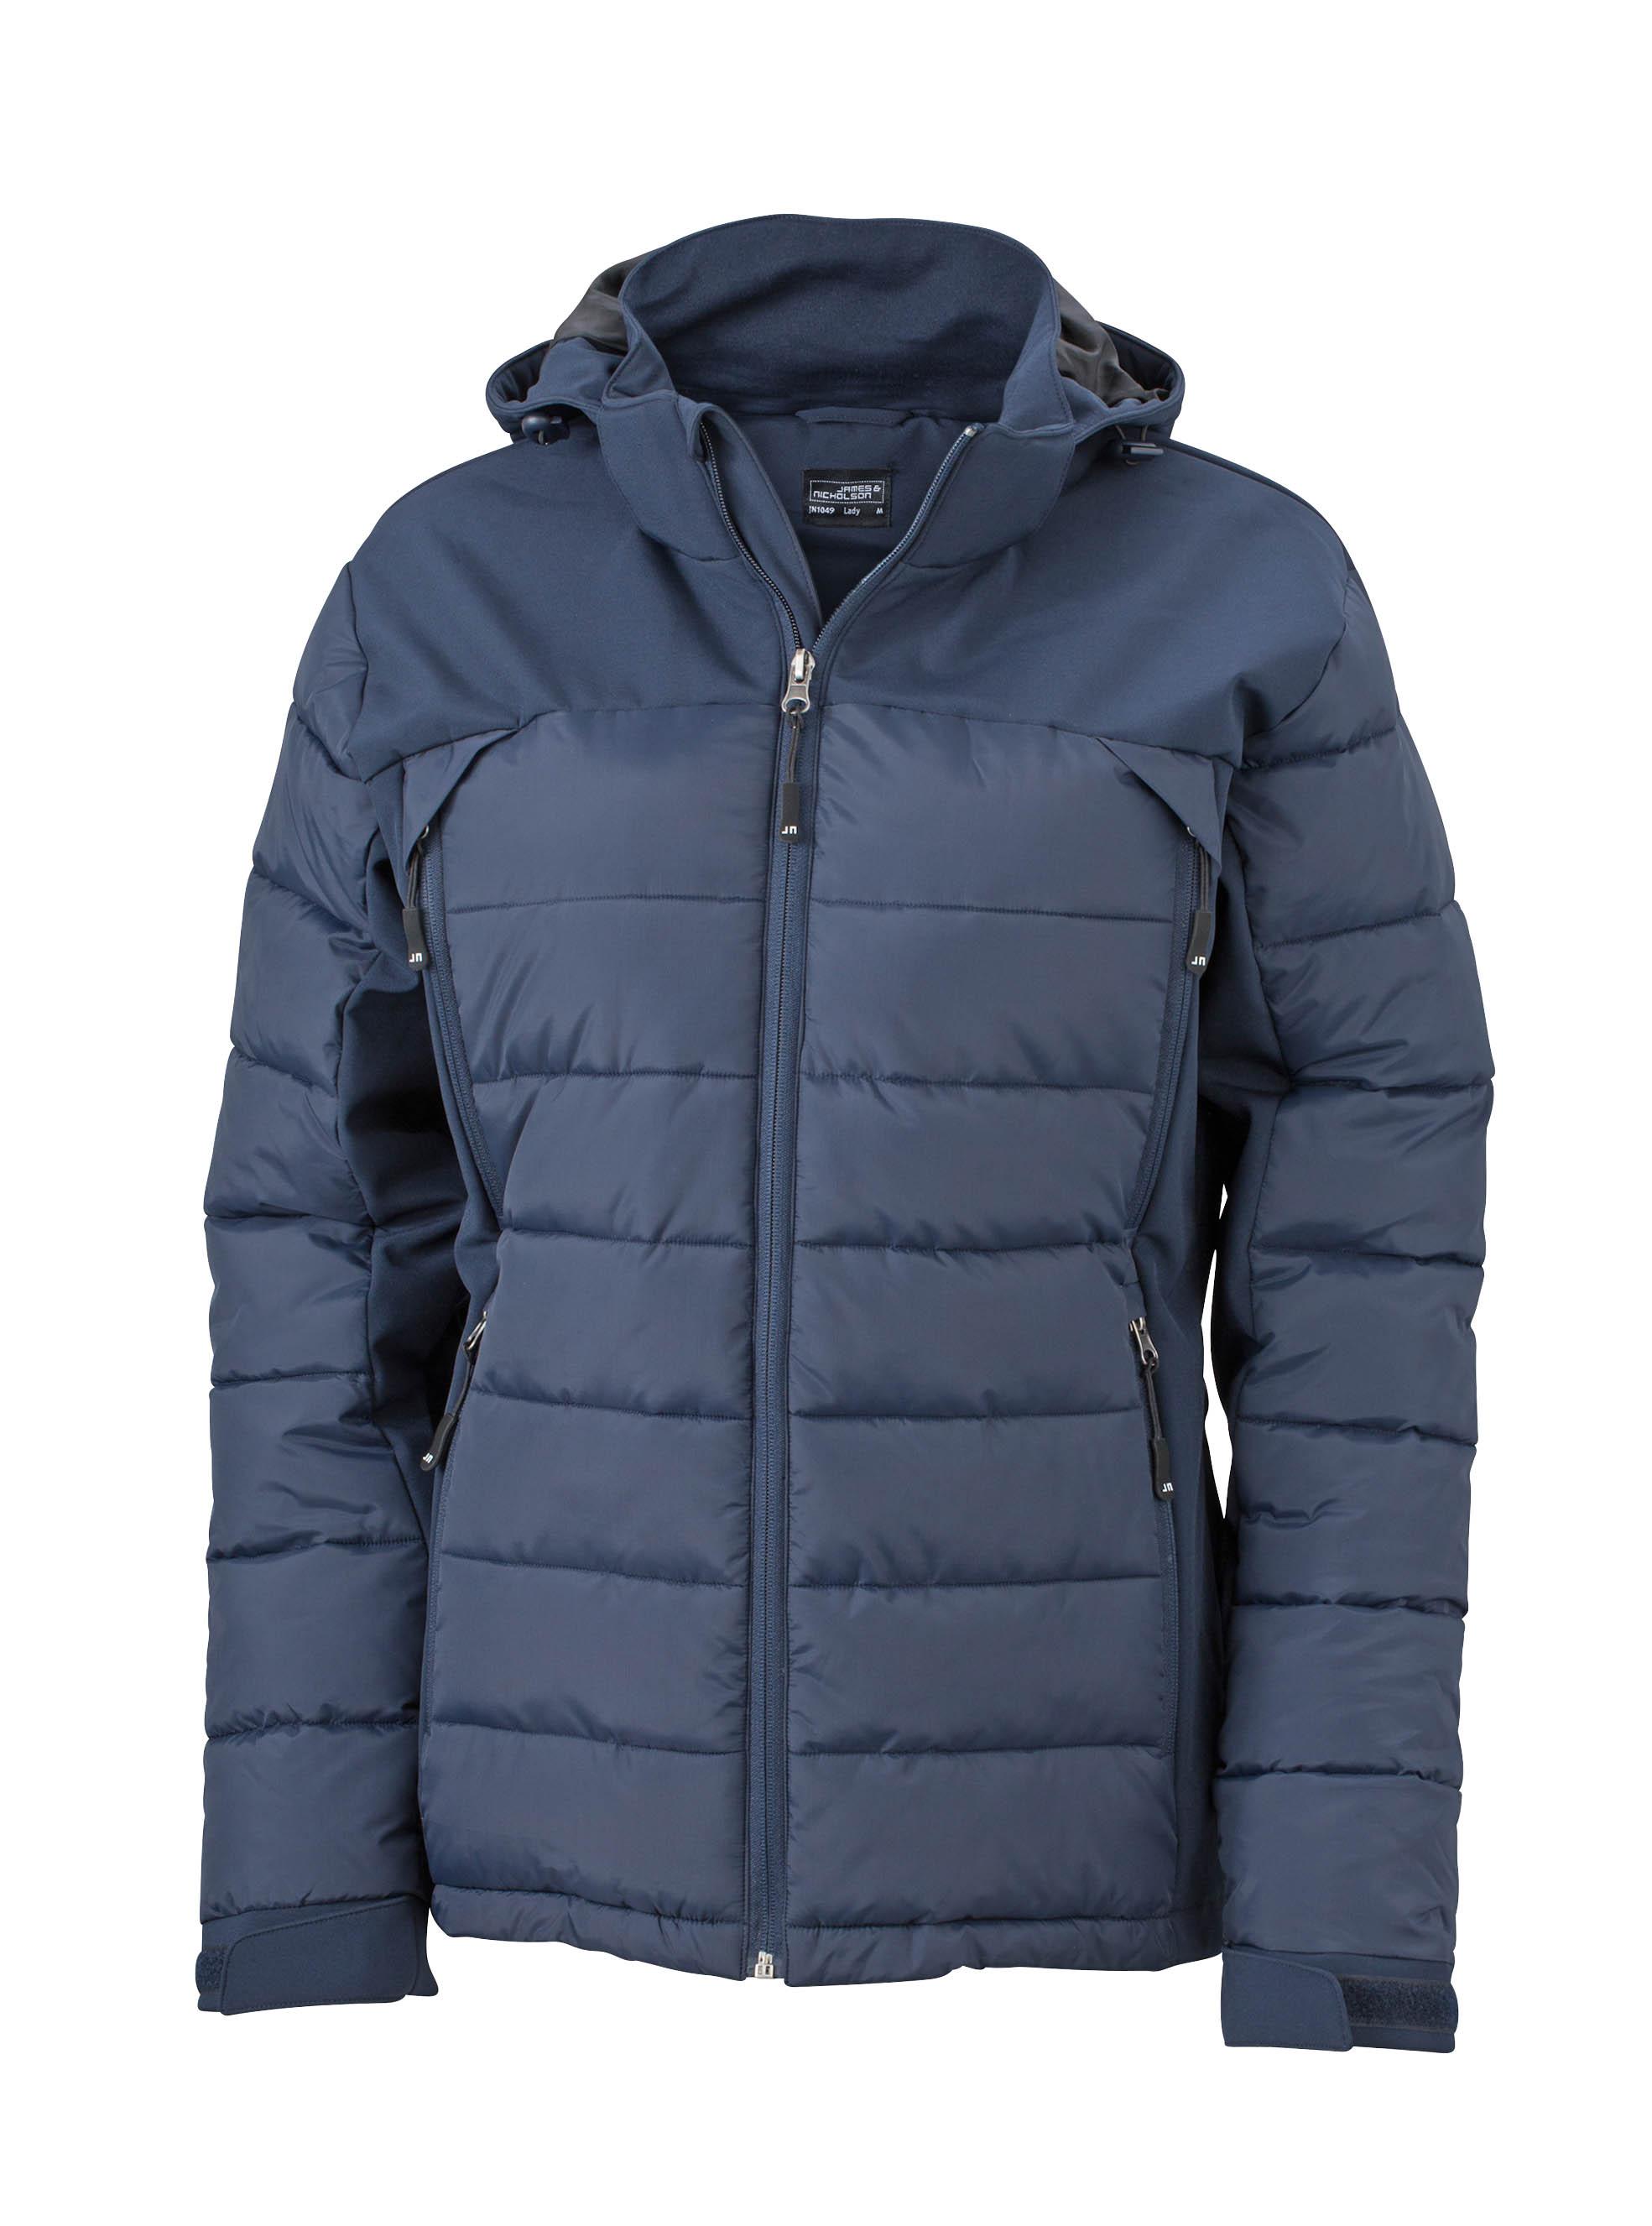 b5bb213509 James & Nicholson Ladies' Outdoor Hybrid Jacket günstig online kaufen    shirt-and-cap.de